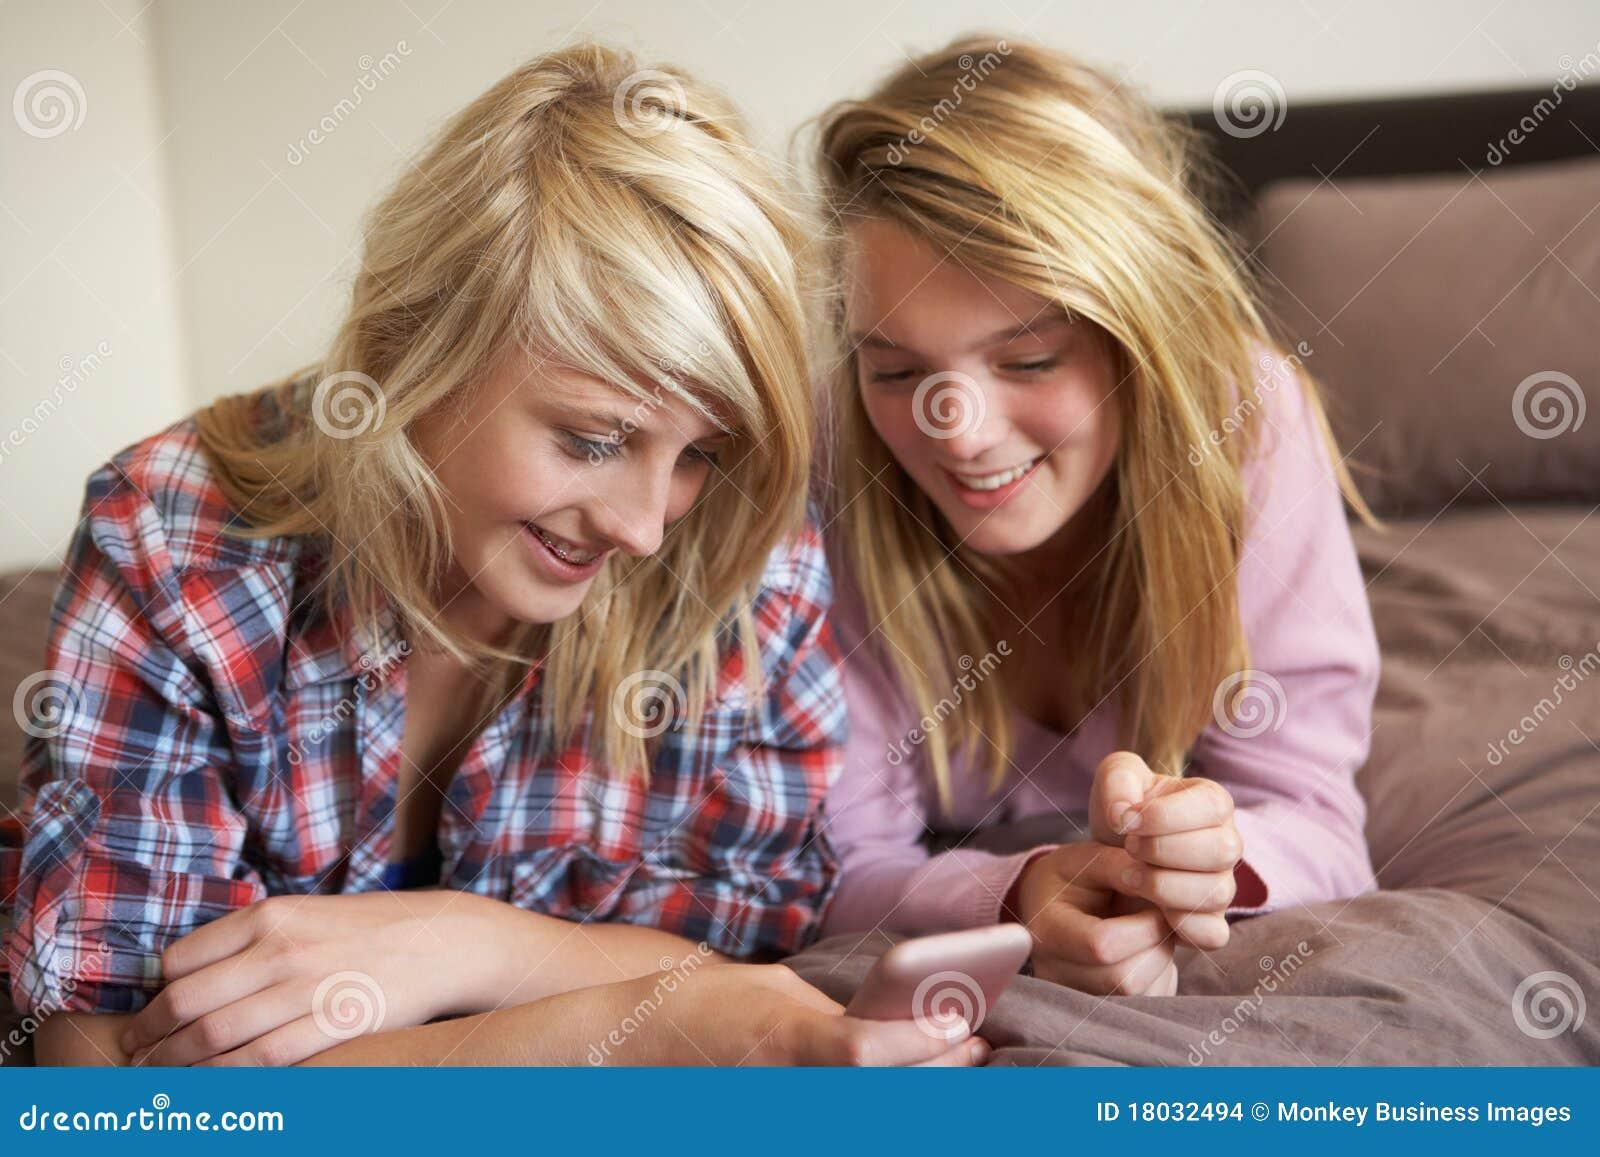 Фото две подружки в сперме, Фото сочных дырок подруги в сперме - Частные фото 26 фотография